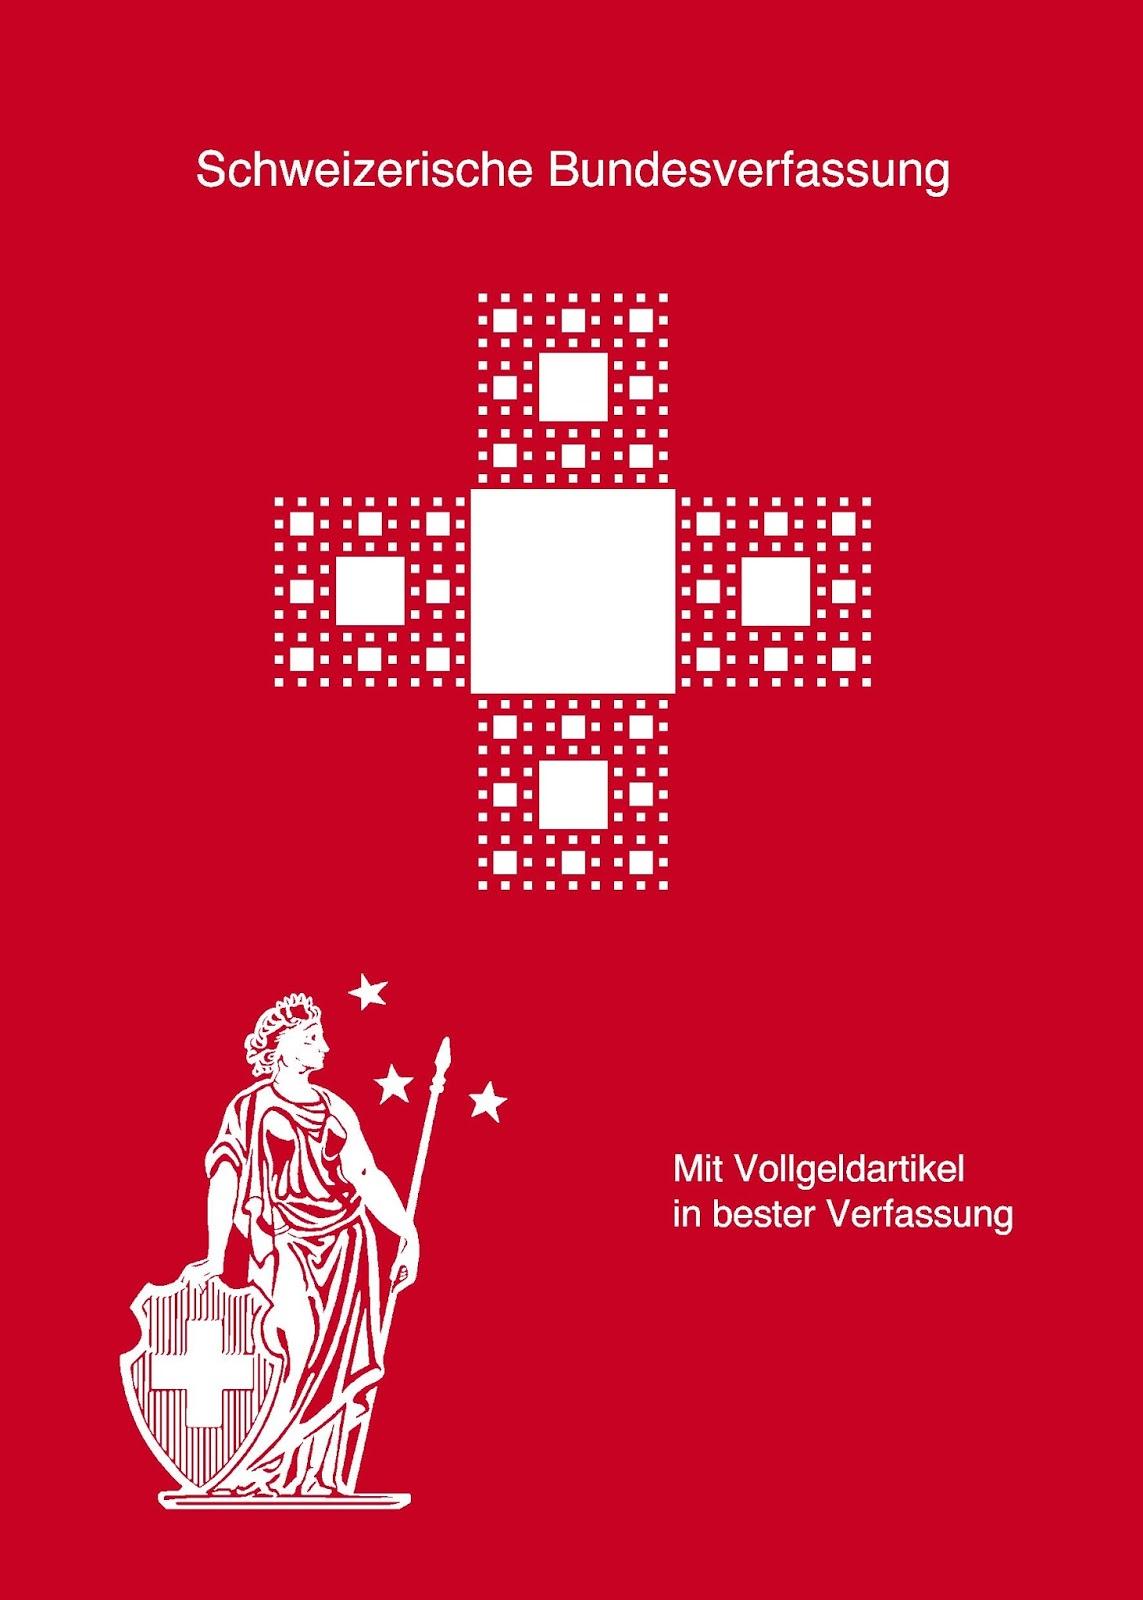 Schweizerischen Bundesverfassung mit Vollgeld